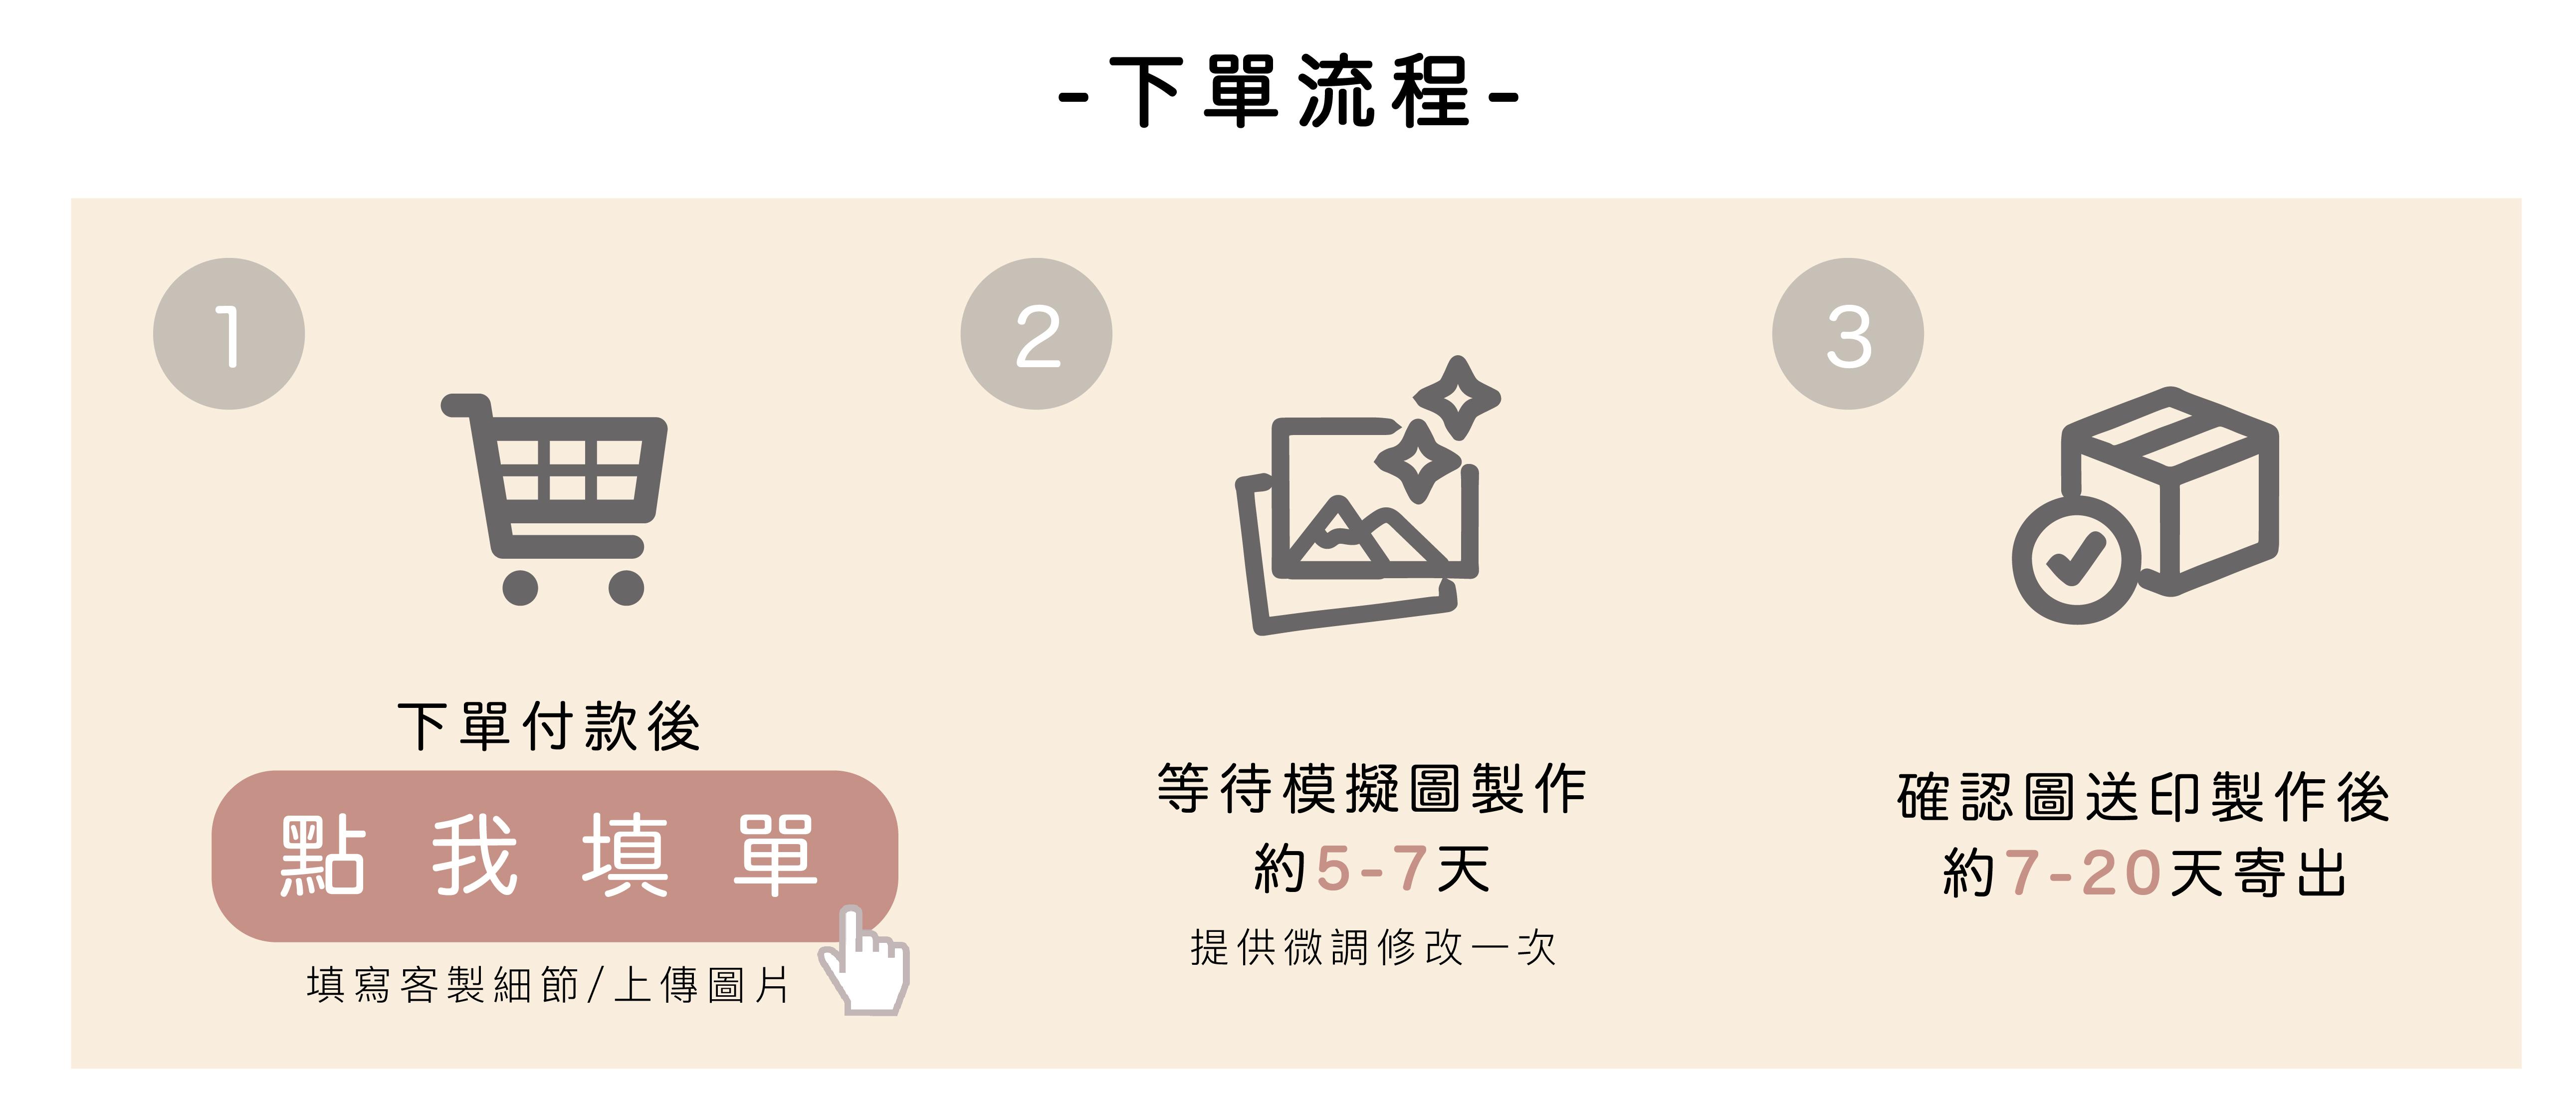 2021客製化內文(材質.顏色.須知)_下單流程-填單.jpg